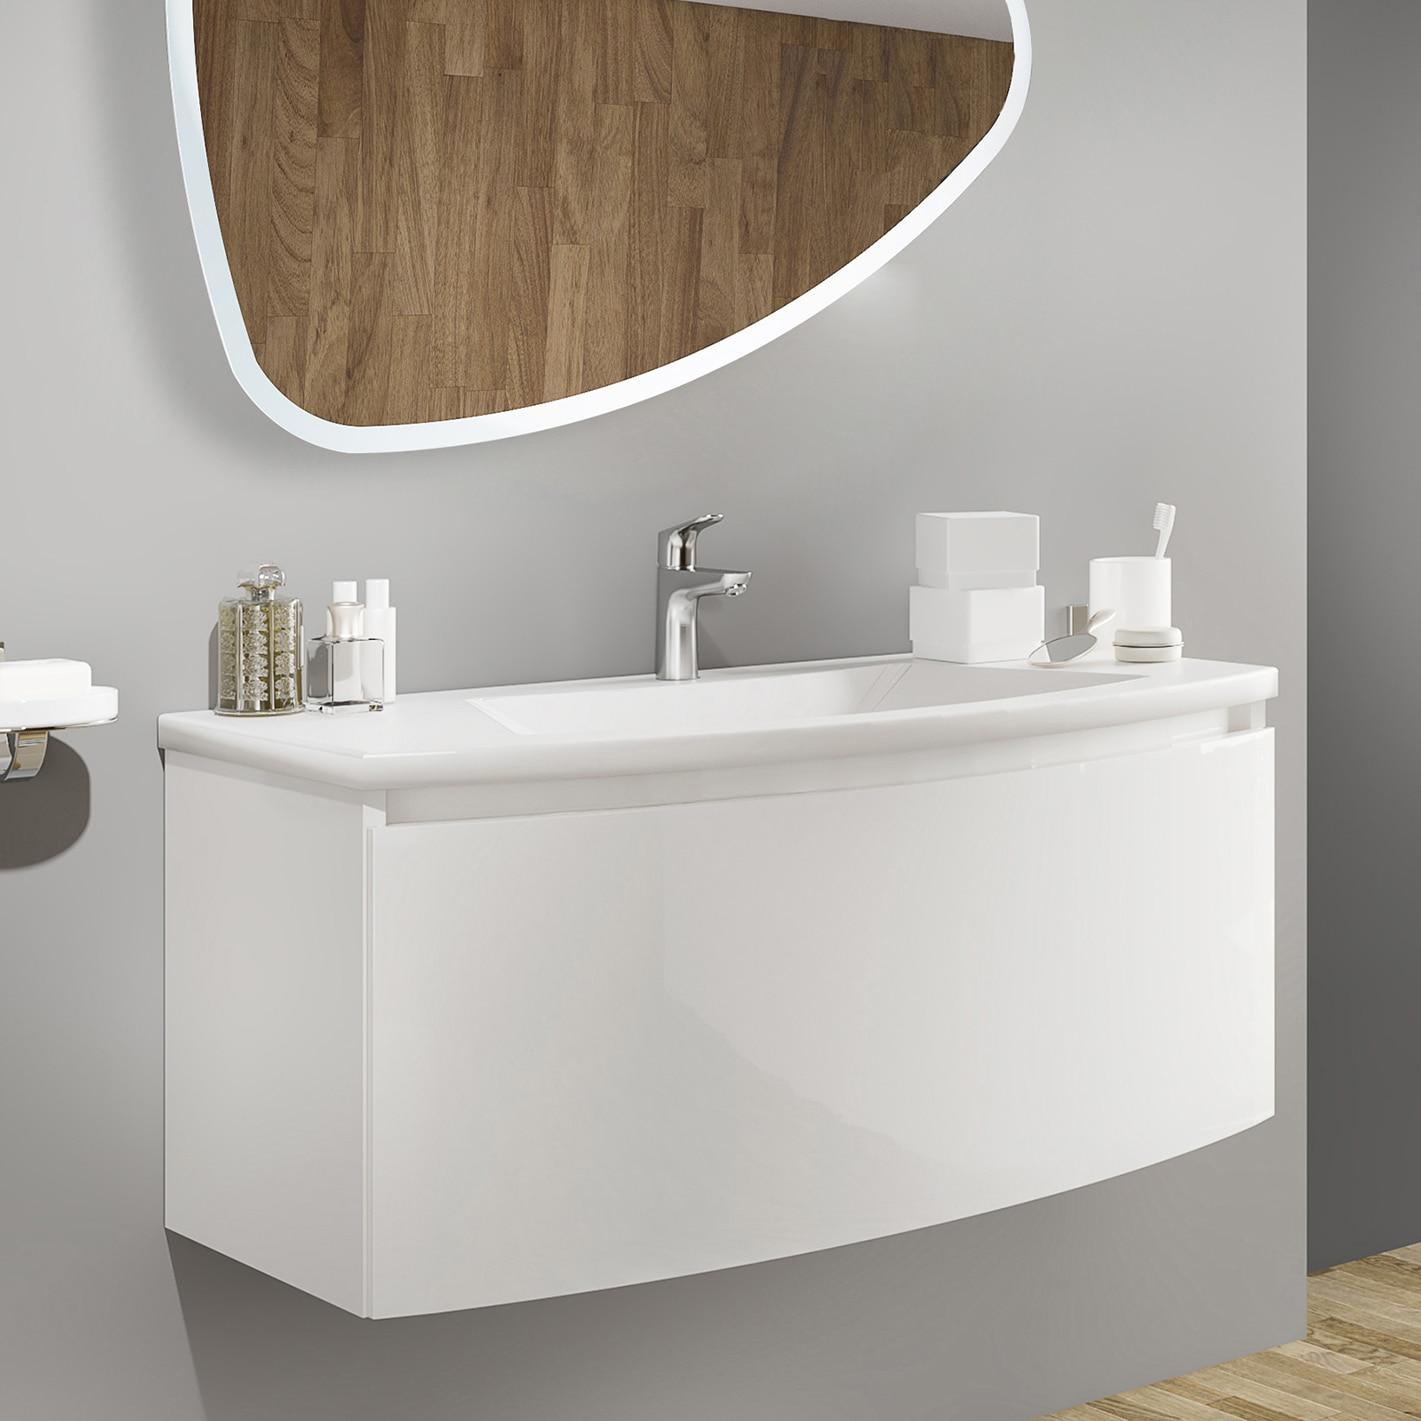 Fotografie Baza mobilier Kring Luna, cu un sertar cu inchidere amortizata, infoliat alb lucios, 101x41x49 cm